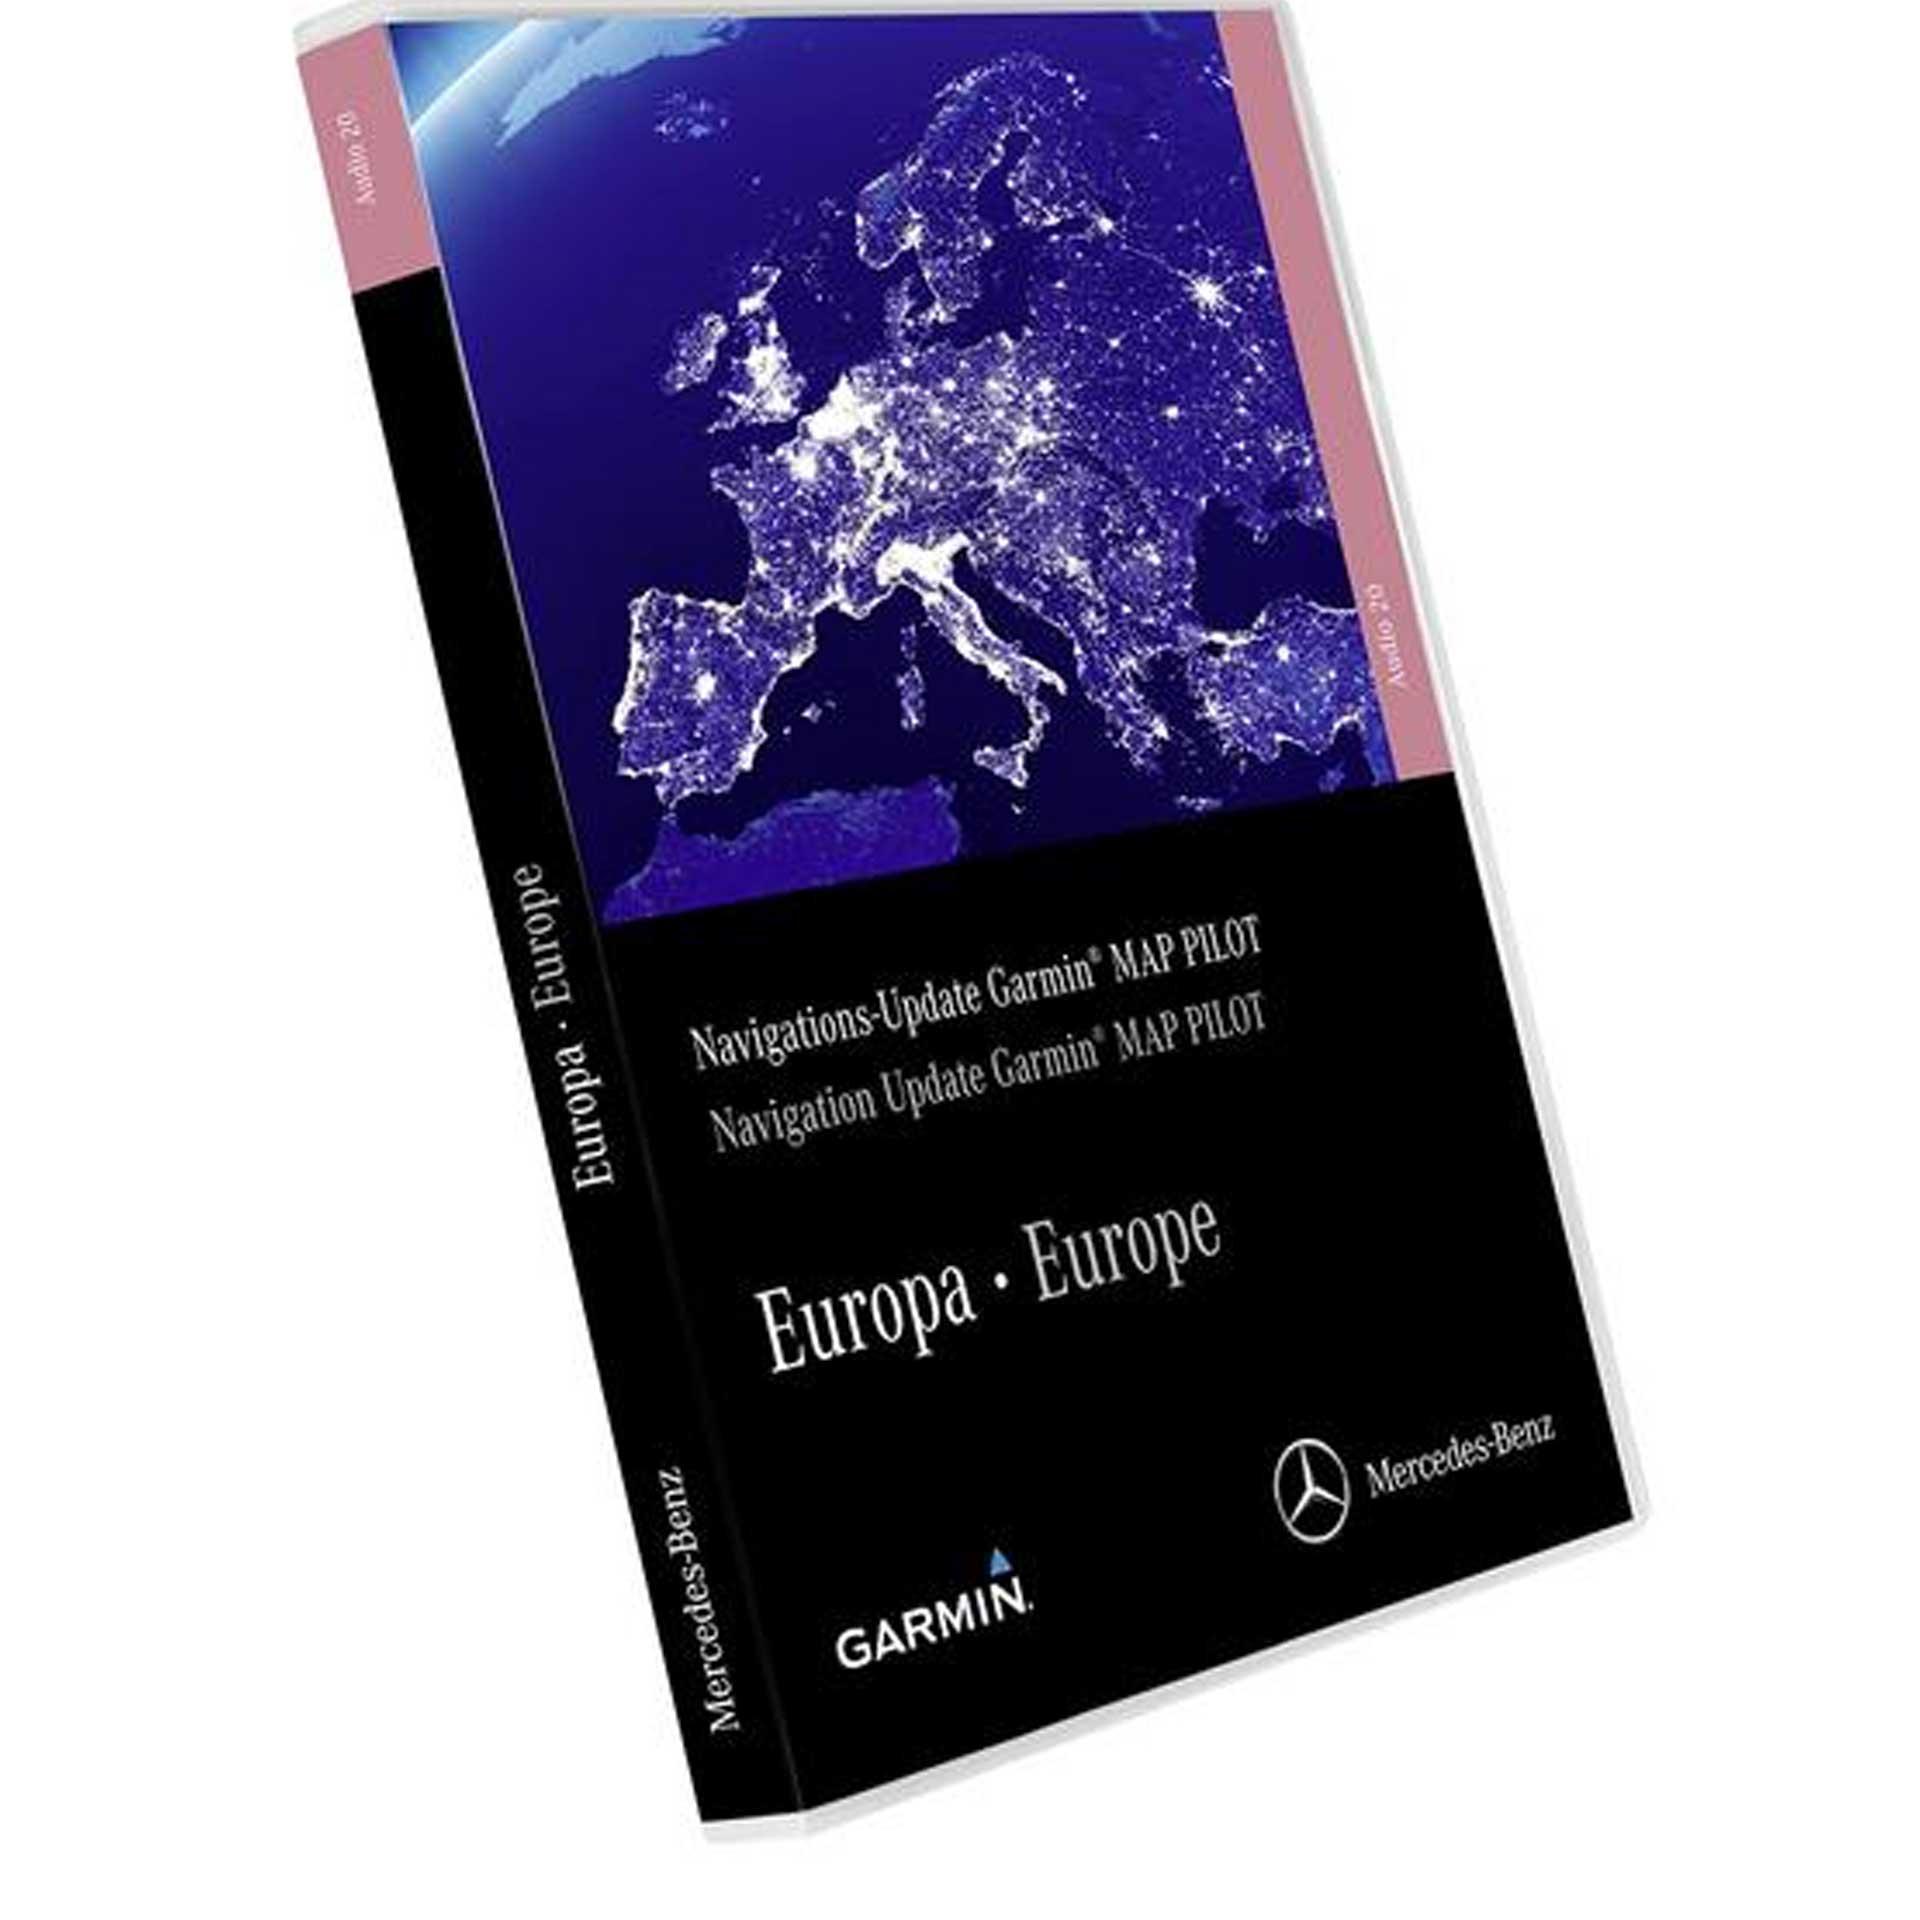 Mercedes-Benz Navigations-Update Garmin® MAP PILOT Europa Version 2021/2022